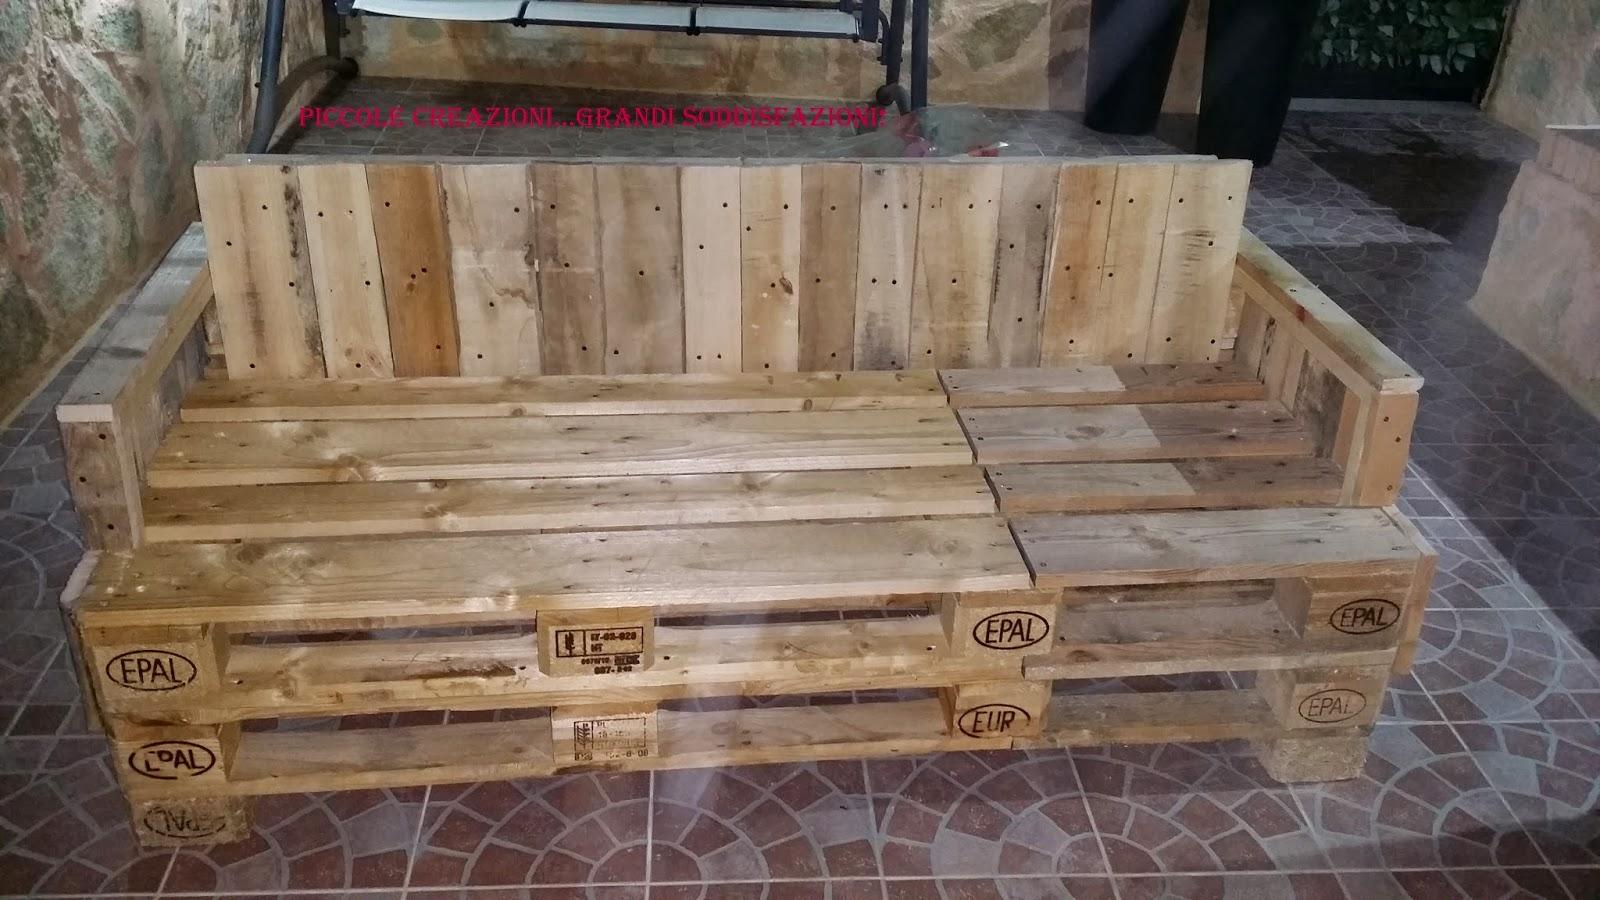 Molto panche da giardino con pedane epal fatte in casa mobili fai da te  HL03